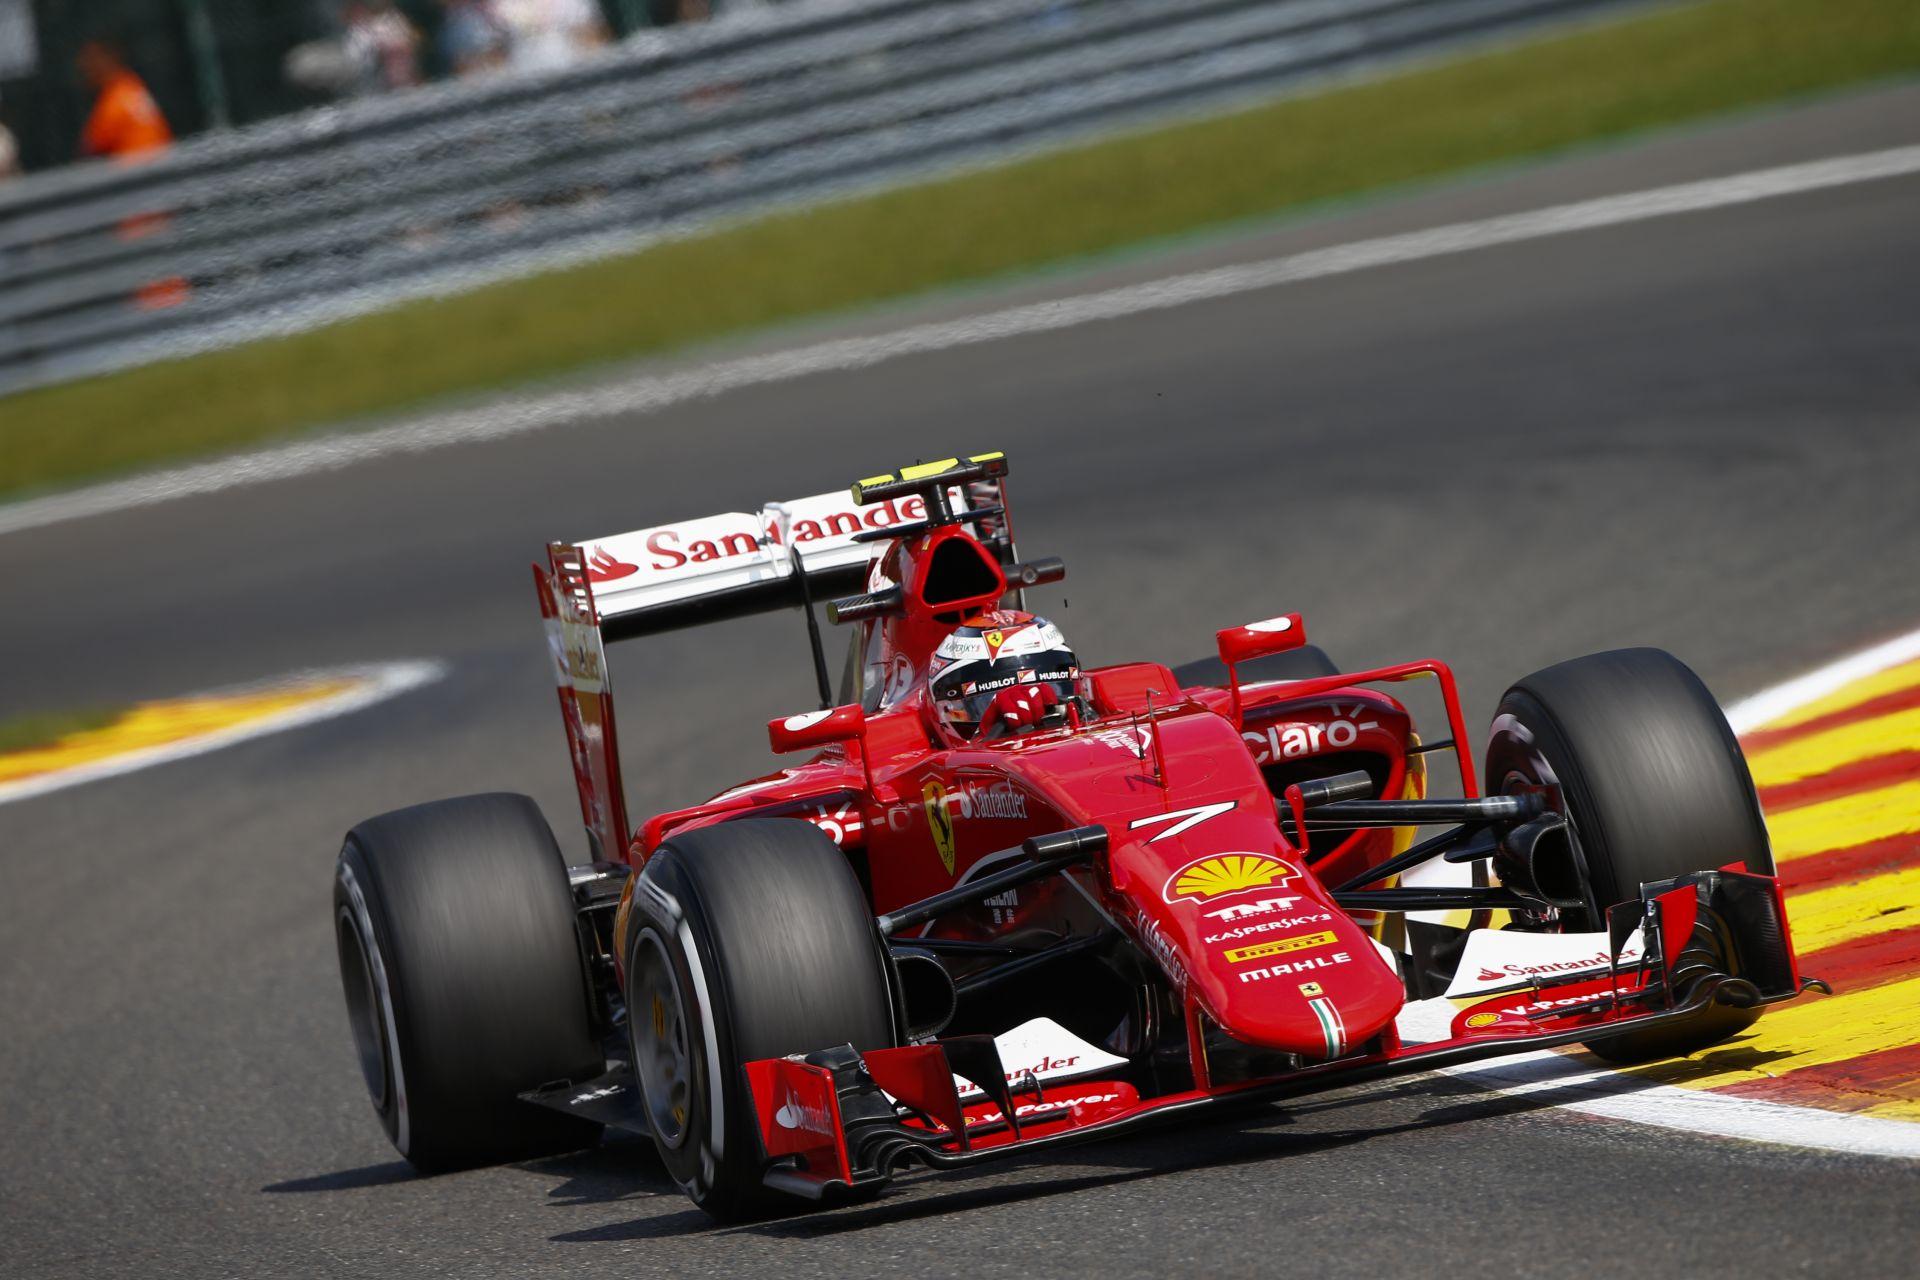 Räikkönen tudja, hogy Spában is ugyanannyi pontot osztanak, mint a többi futamon